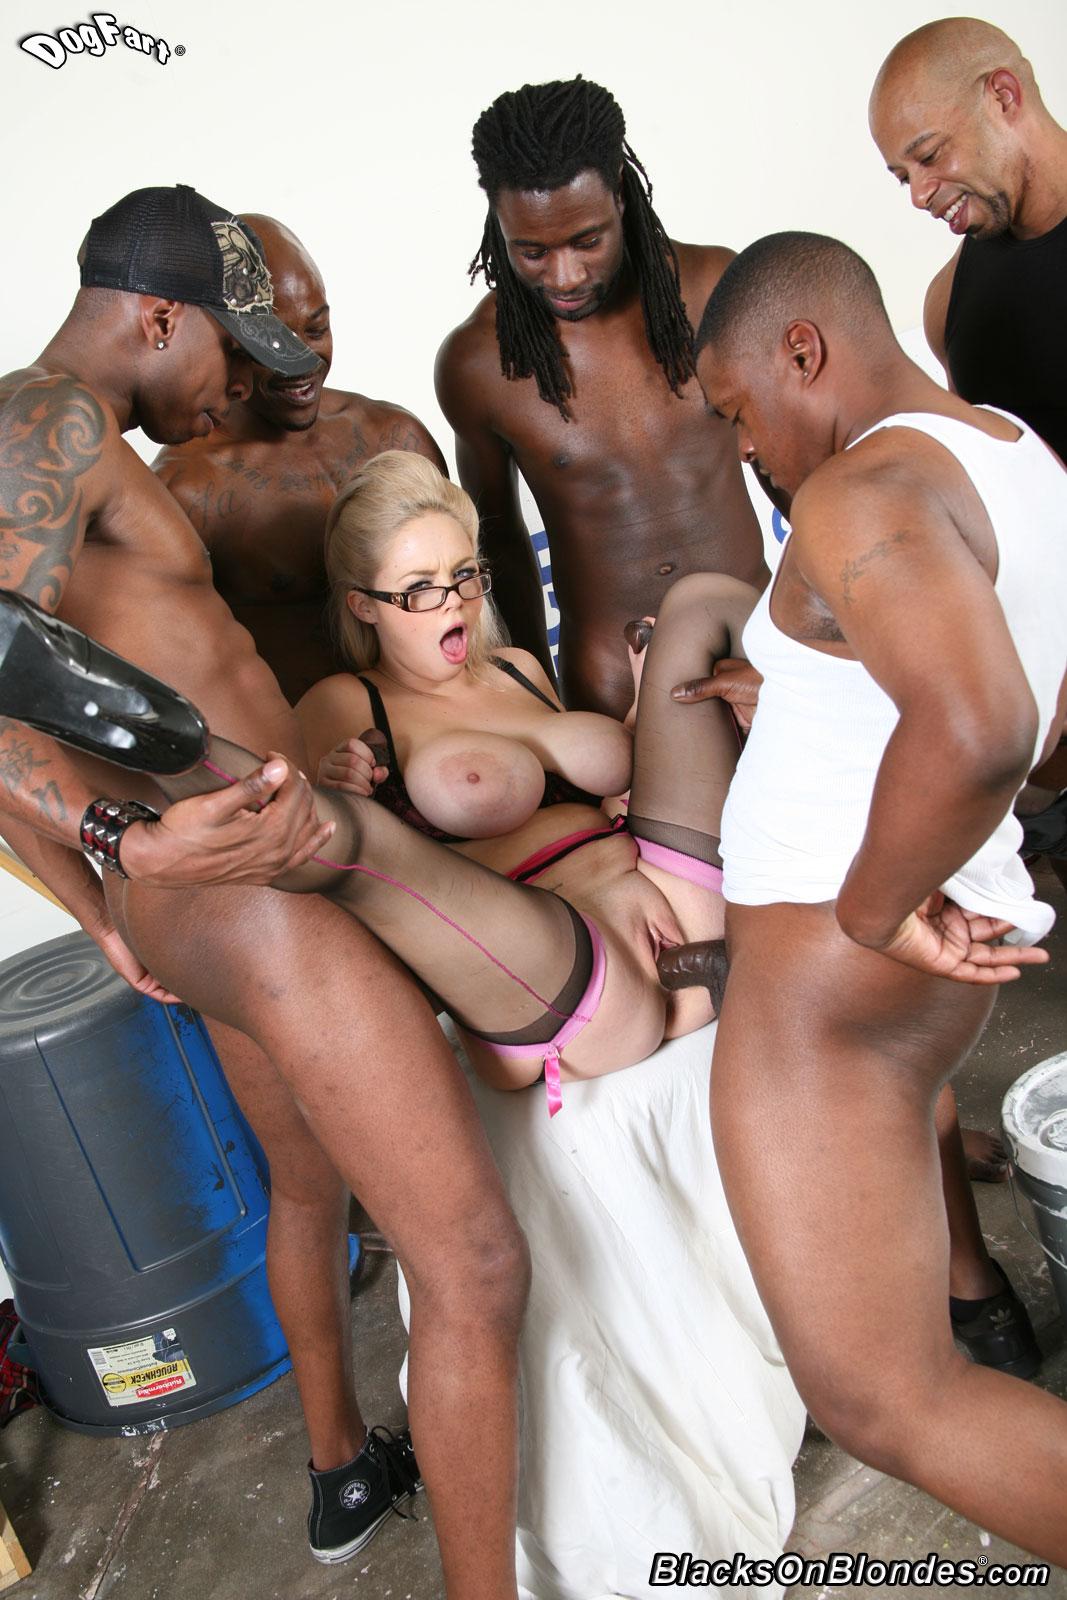 Group sex wiht interracial blacks n blondes